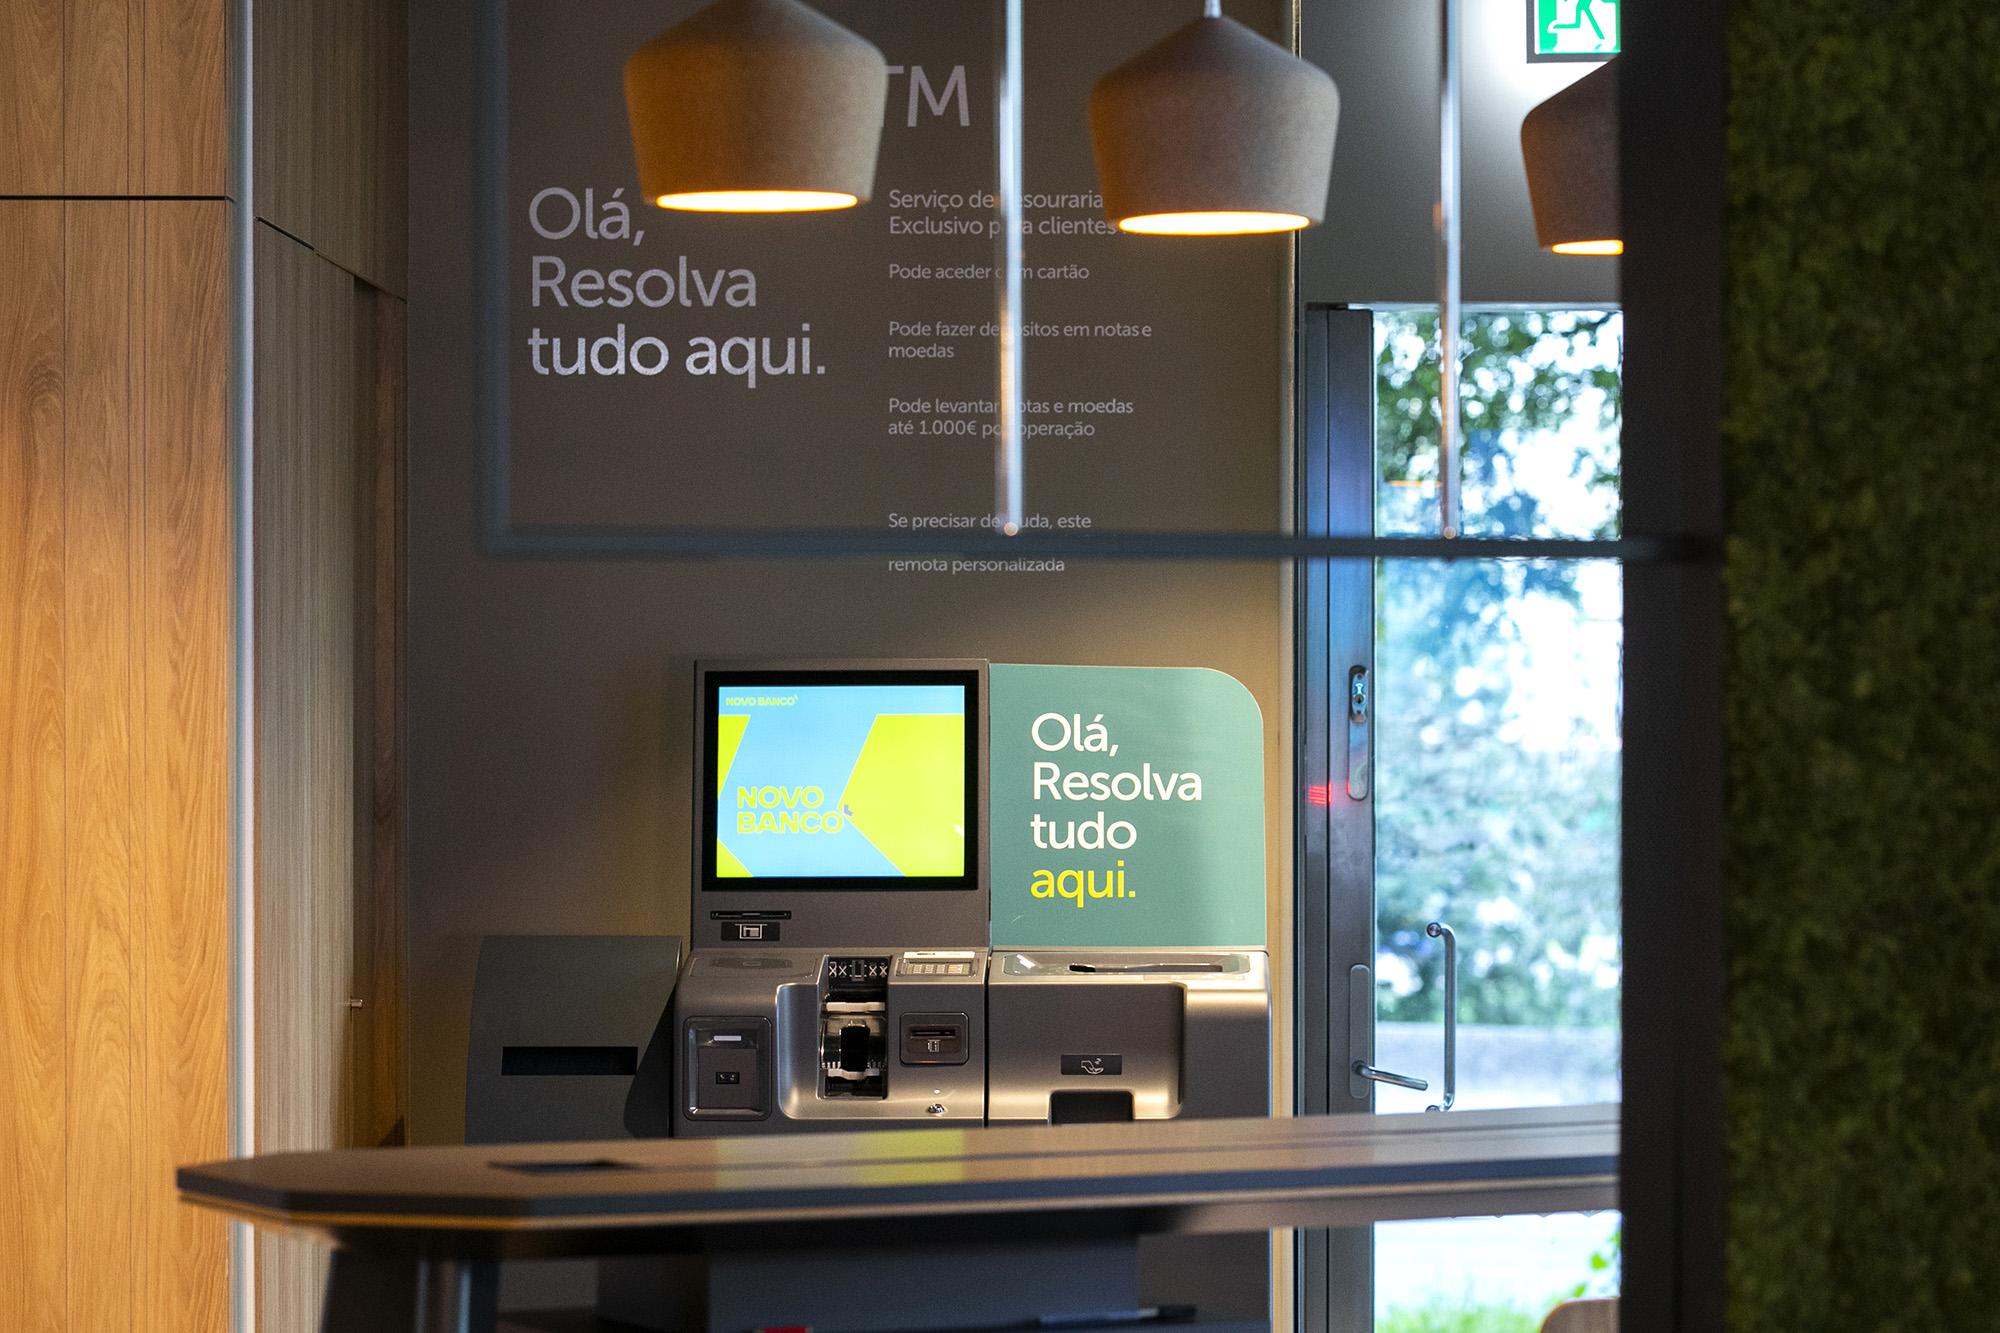 Balcão Novo Banco em Benfica - 11JAN21